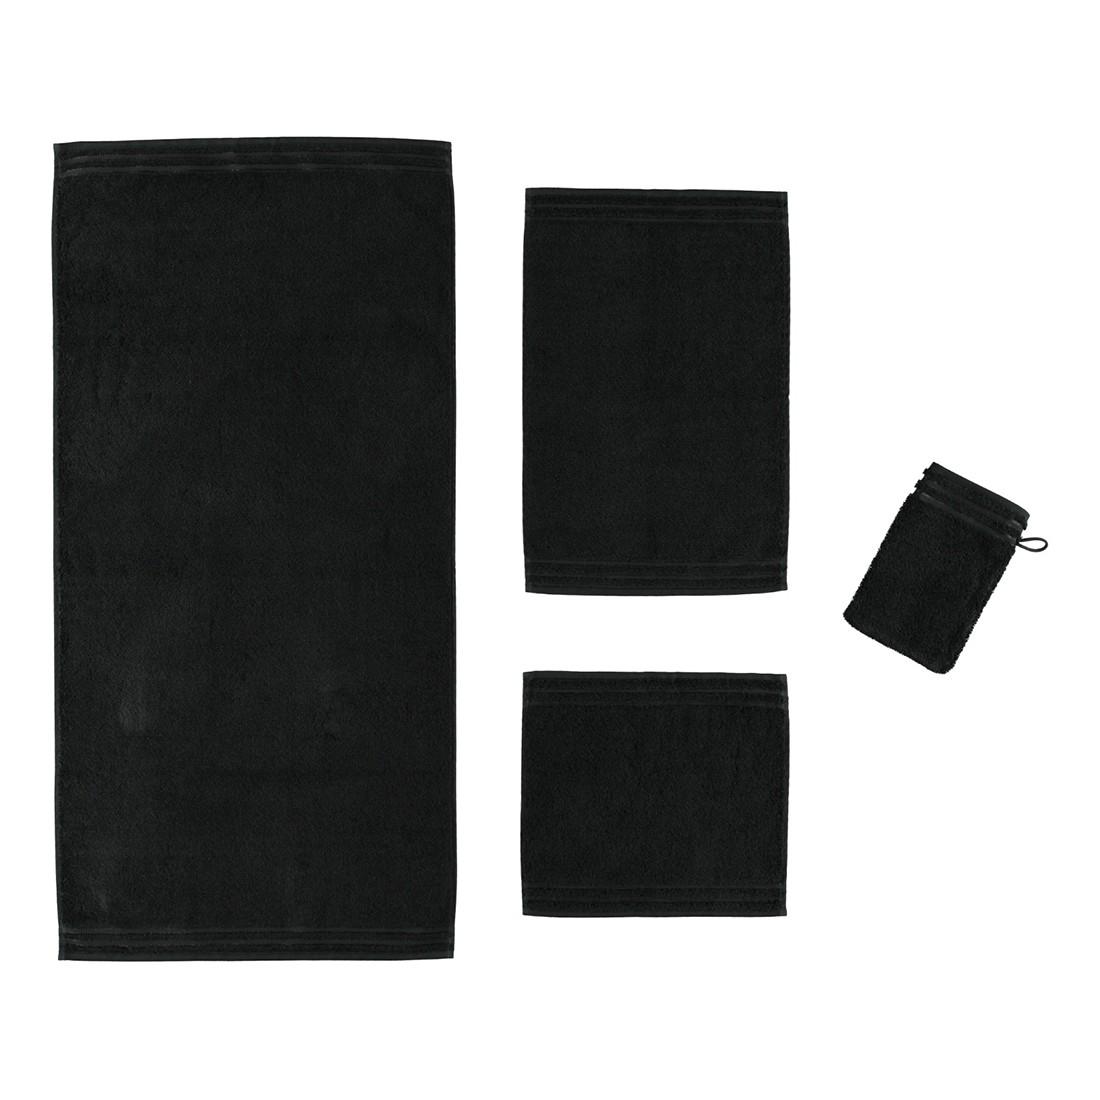 Handtuch Calypso Feeling – 100% Baumwolle Schwarz – 790 – Handtuch: 50 x 100 cm, Vossen bestellen